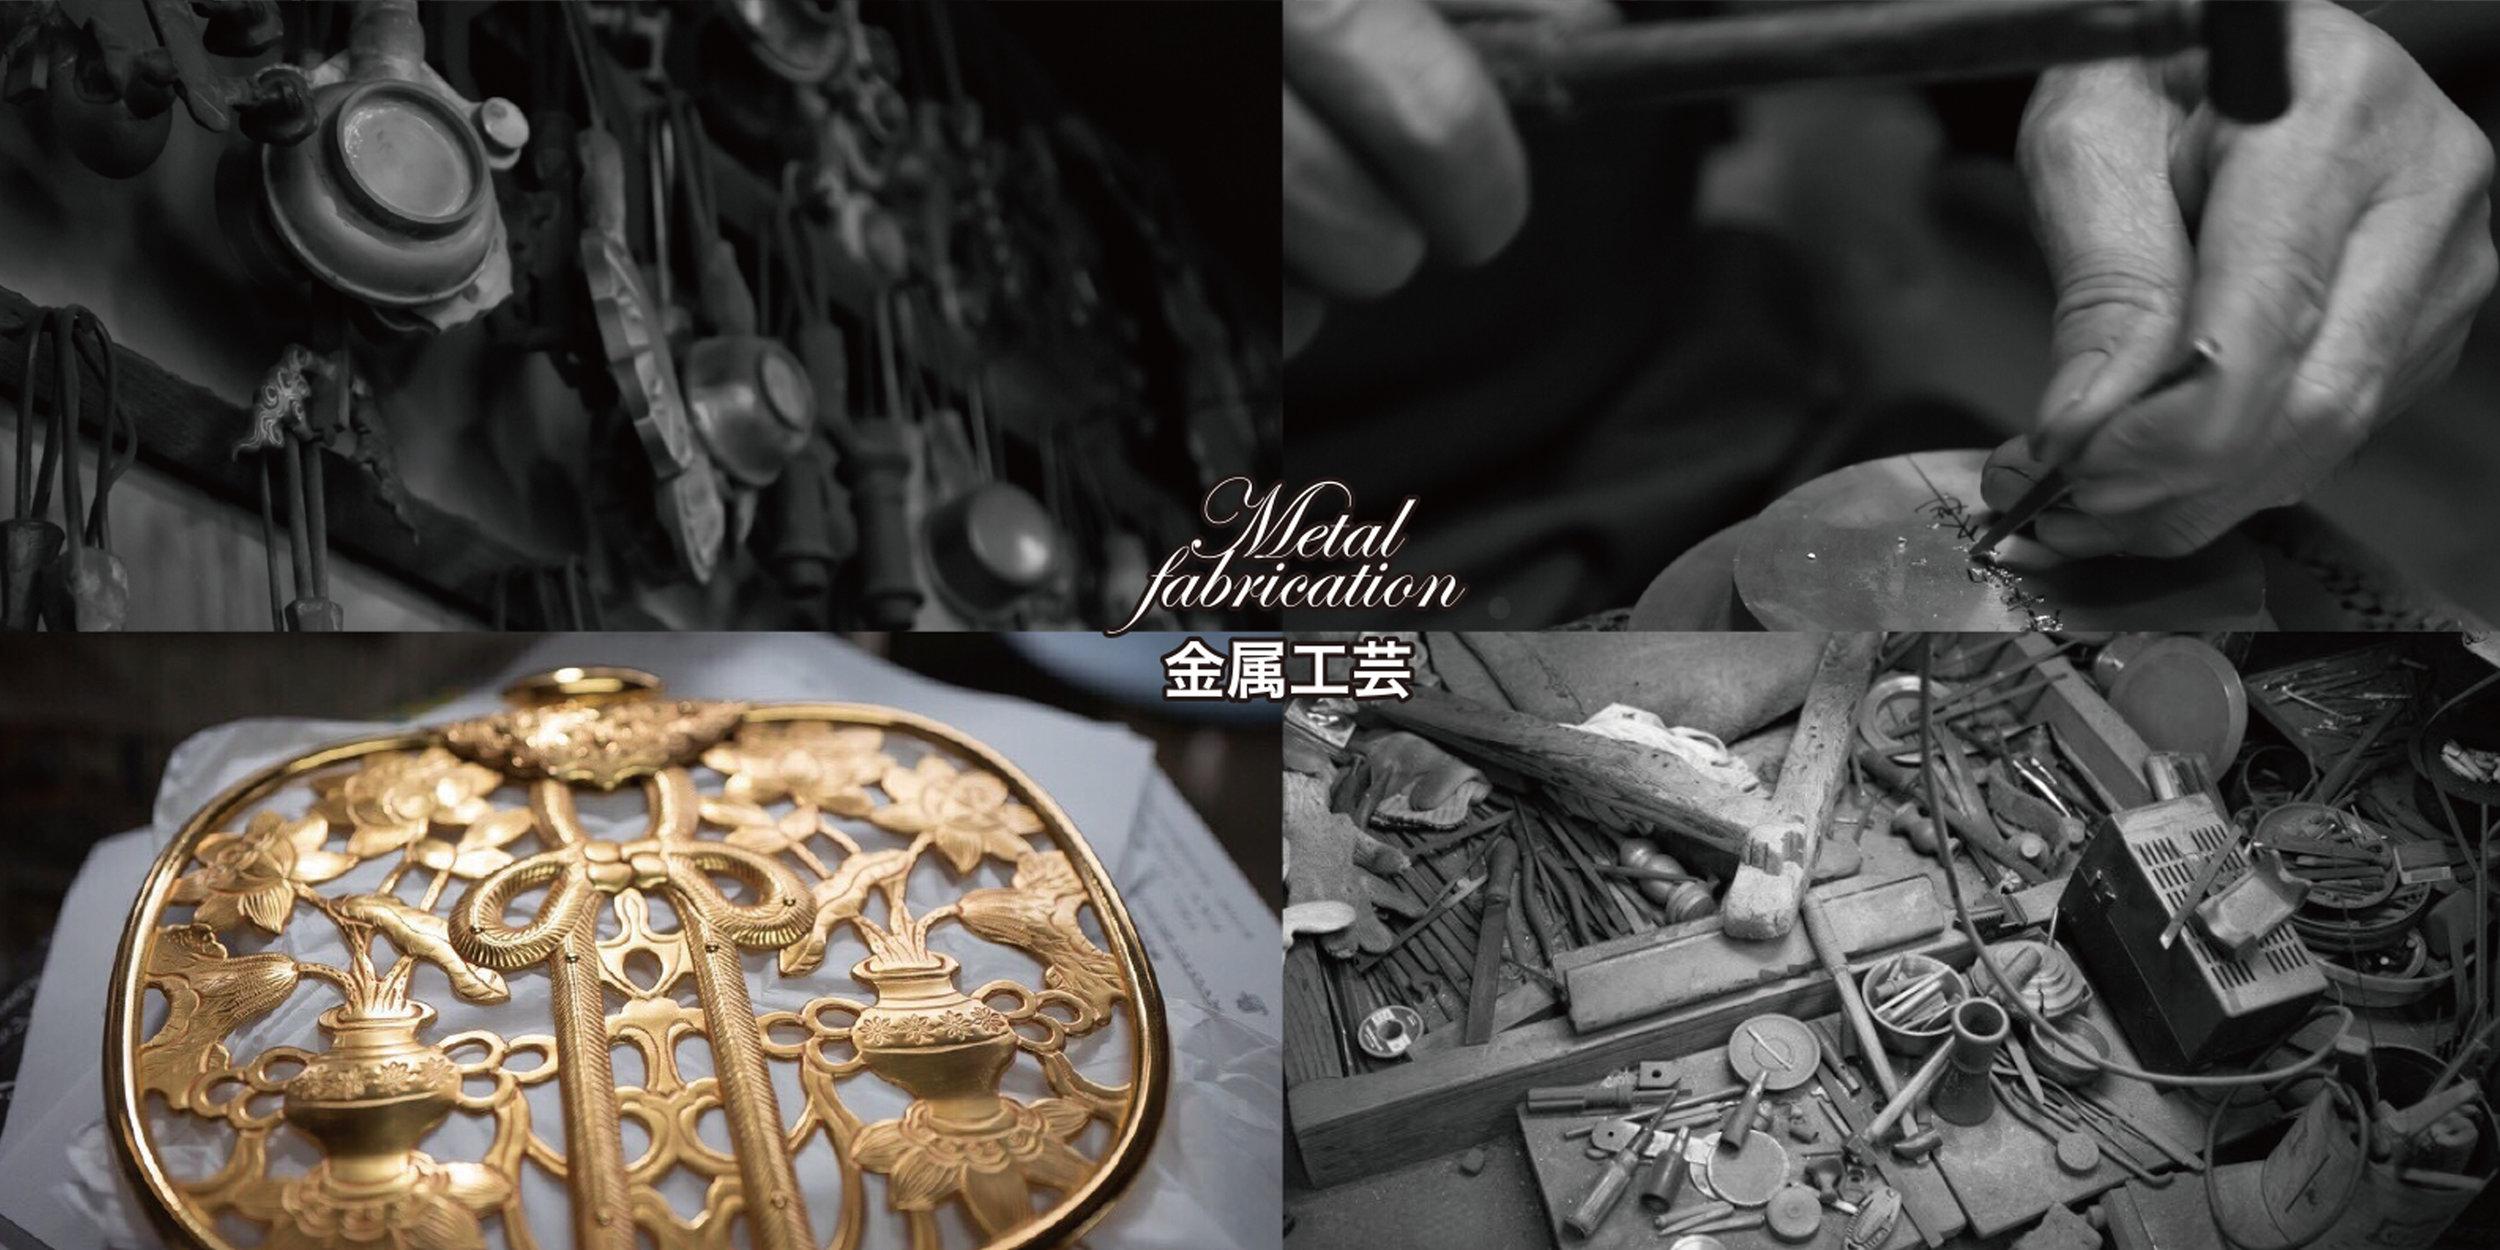 鉄 metal  kyoto 伝統工芸 京都 ヴィンテージハウス 建築 vintagehouse 内装 デザイナー